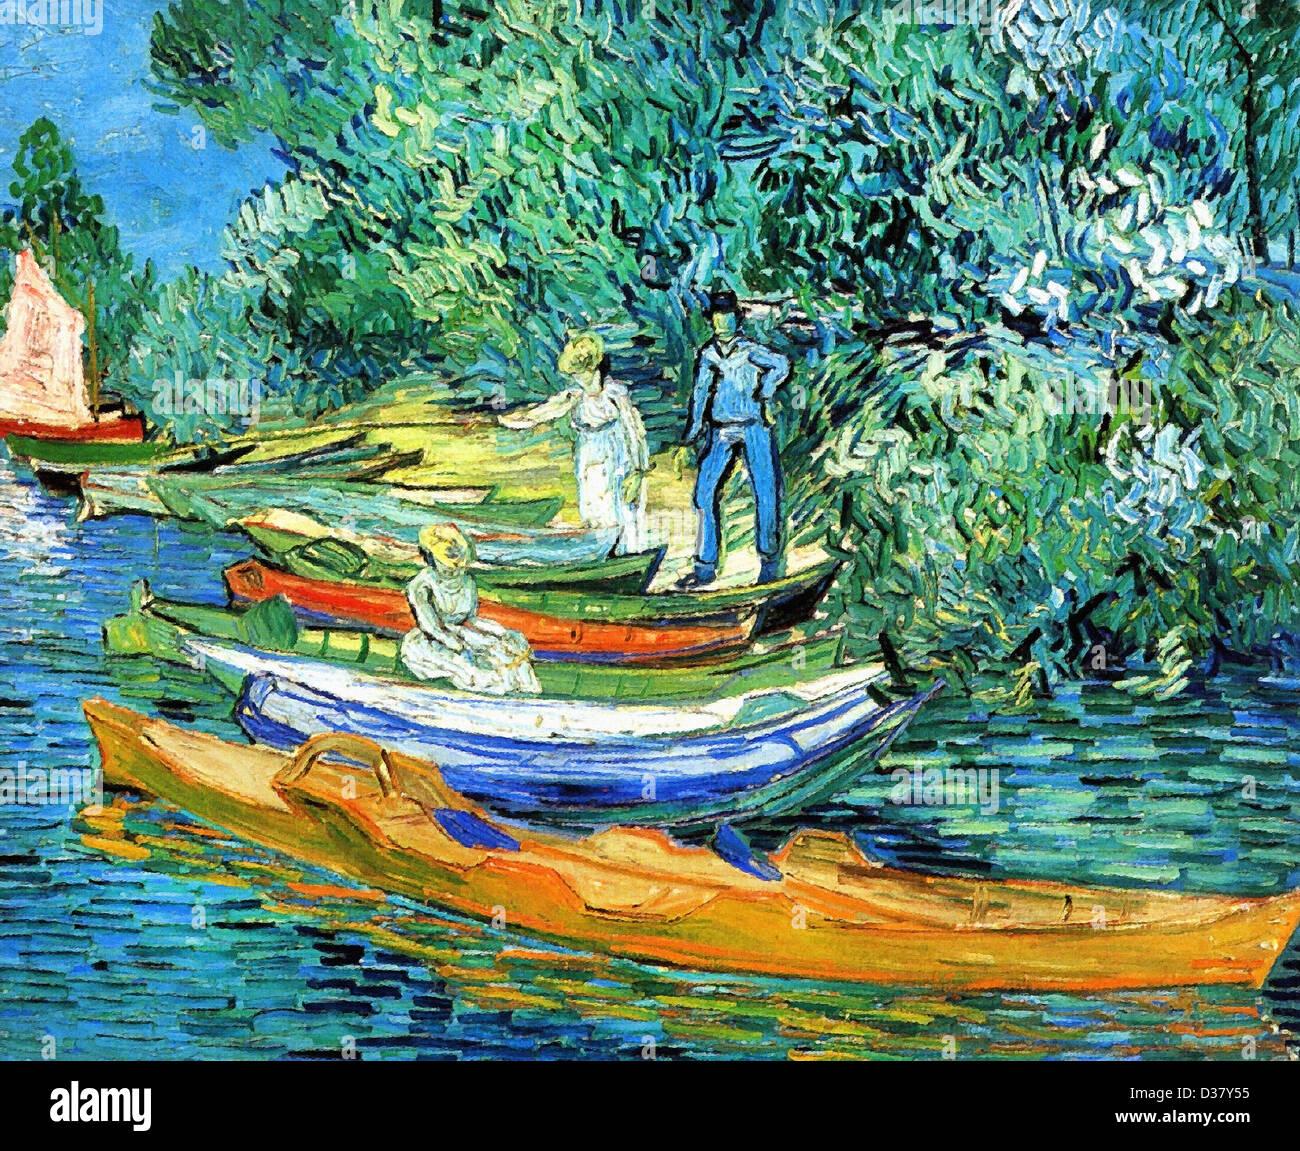 Vincent van Gogh, barques sur les rives de l'Oise. 1890. Le postimpressionnisme. Huile sur toile. Photo Stock